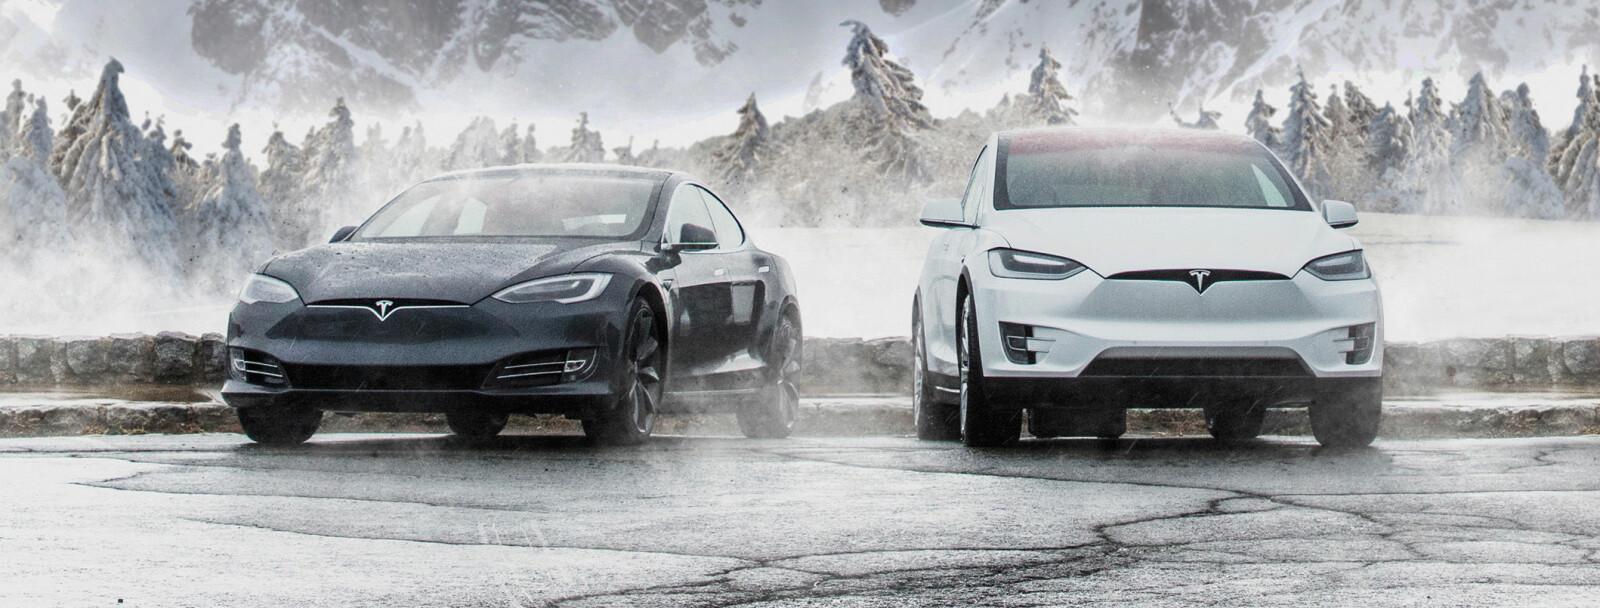 <b>POPULÆRE ELBILER</b>: Litt over 2000 av de 4802 nyregistrerte elbilene i september var en Tesla. Model X er mest populær.